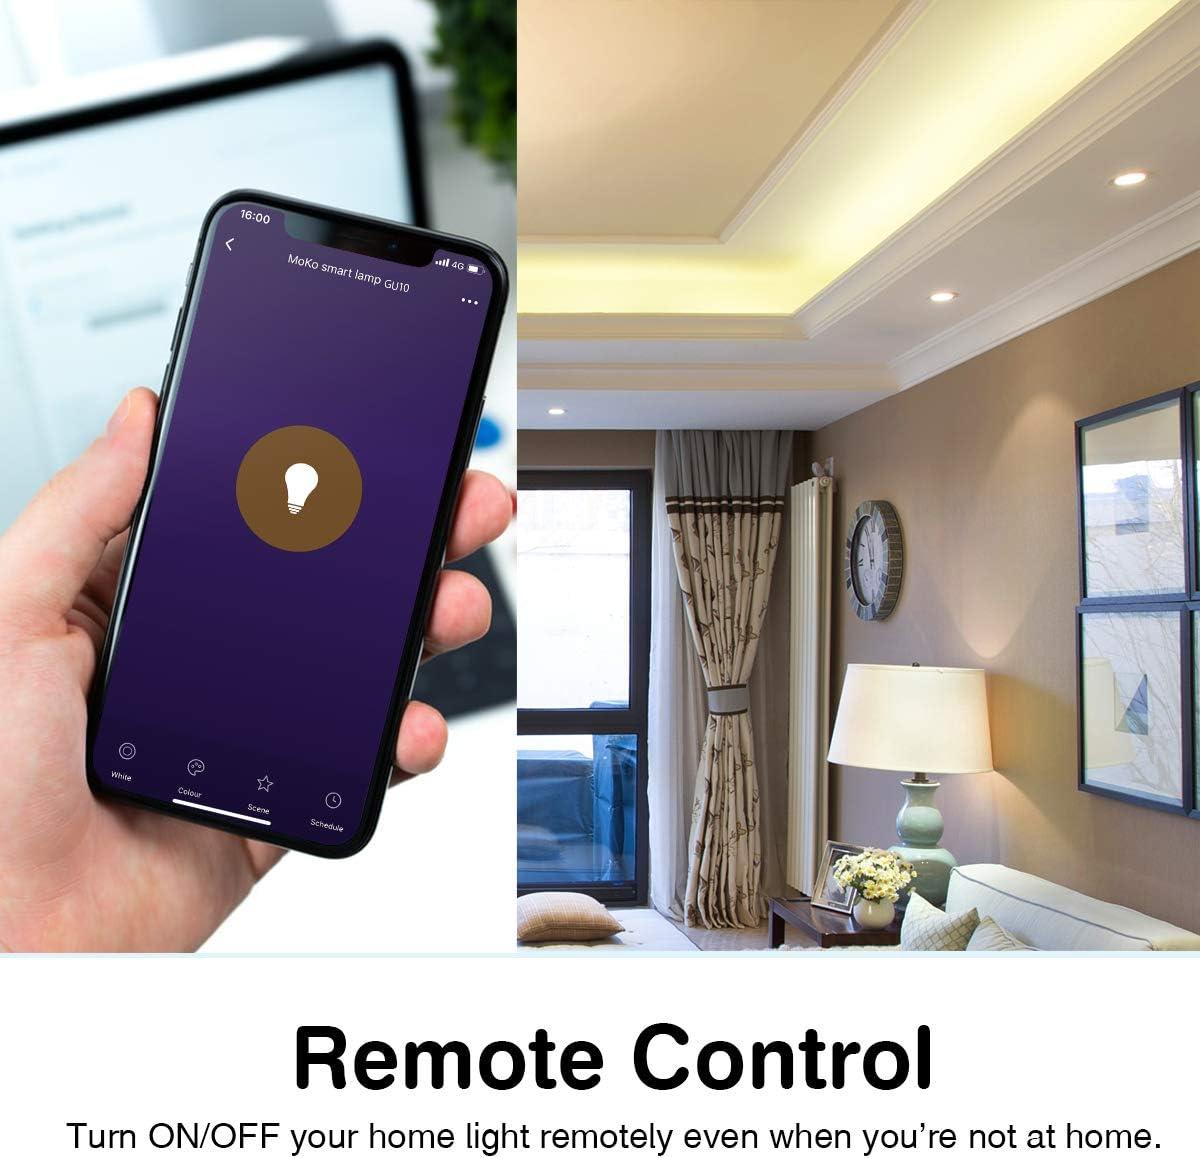 GU10 5W MoKo WiFi LED Bombilla Inteligente L/ámpara LED Bombilla Regulable RGB+Luz Blanco C/álido+Fr/ío App Funciona con Alexa Echo SmartThings Google Home para Control de Fon/ética Temporizador